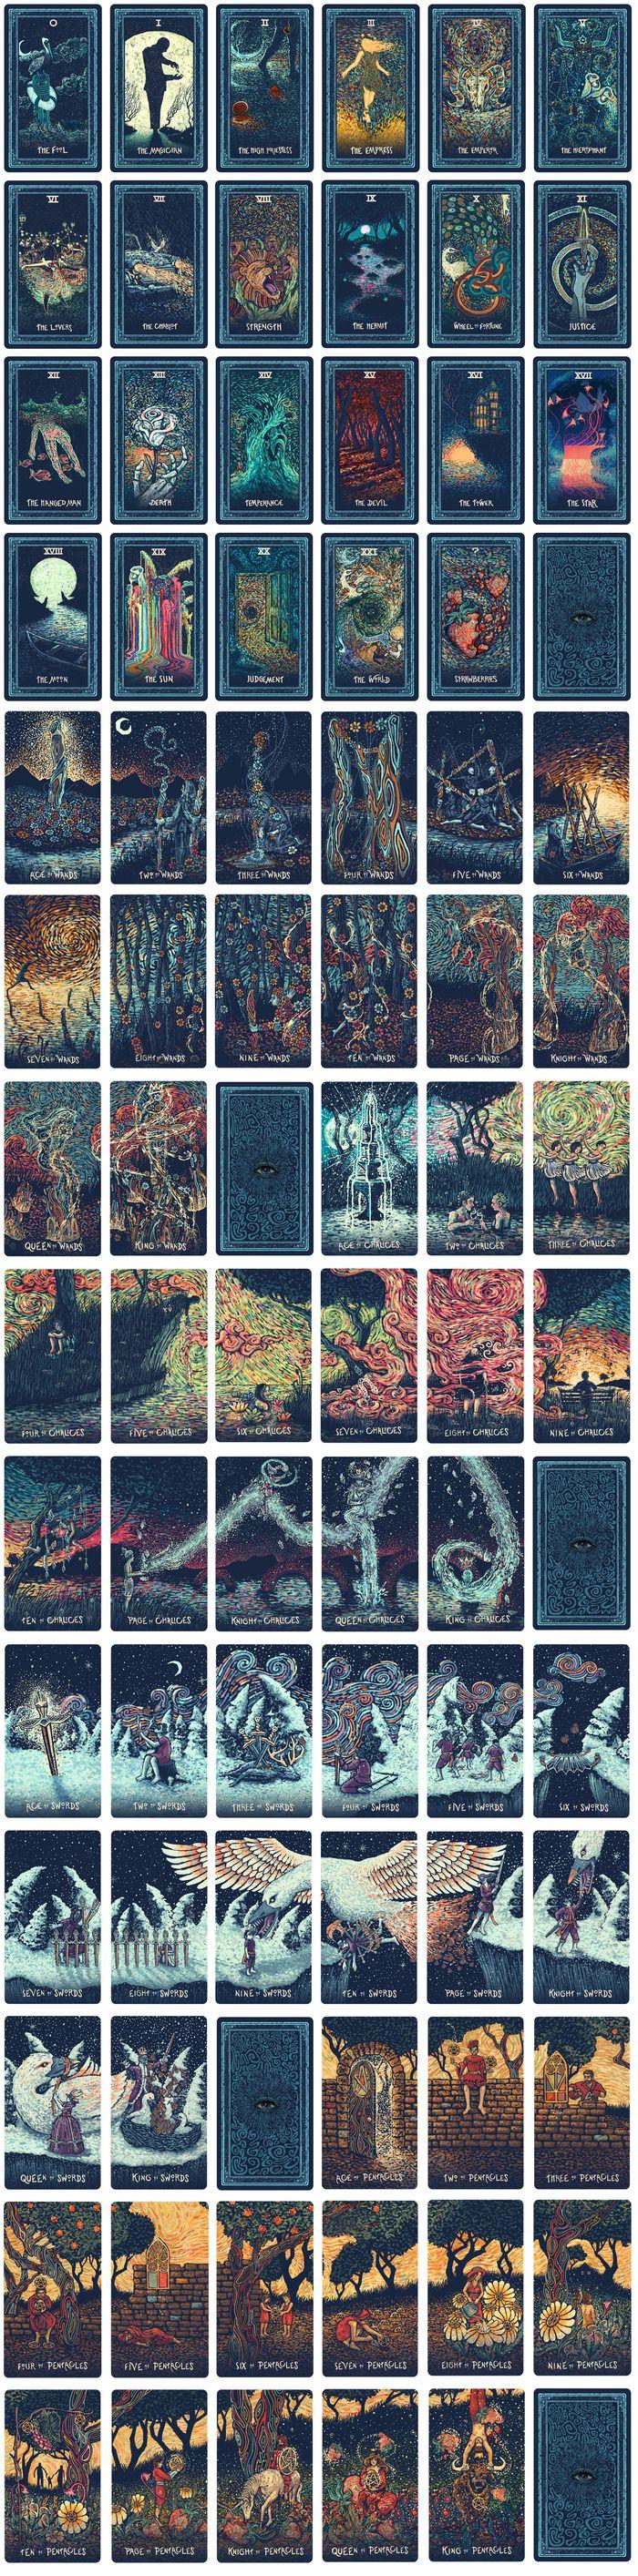 """As 79 cartas do """"Prisma Visions Tarot"""" do artista James R. Eads. (Se você olhar de perto, as cartas se interligam formando uma só imagem!)"""